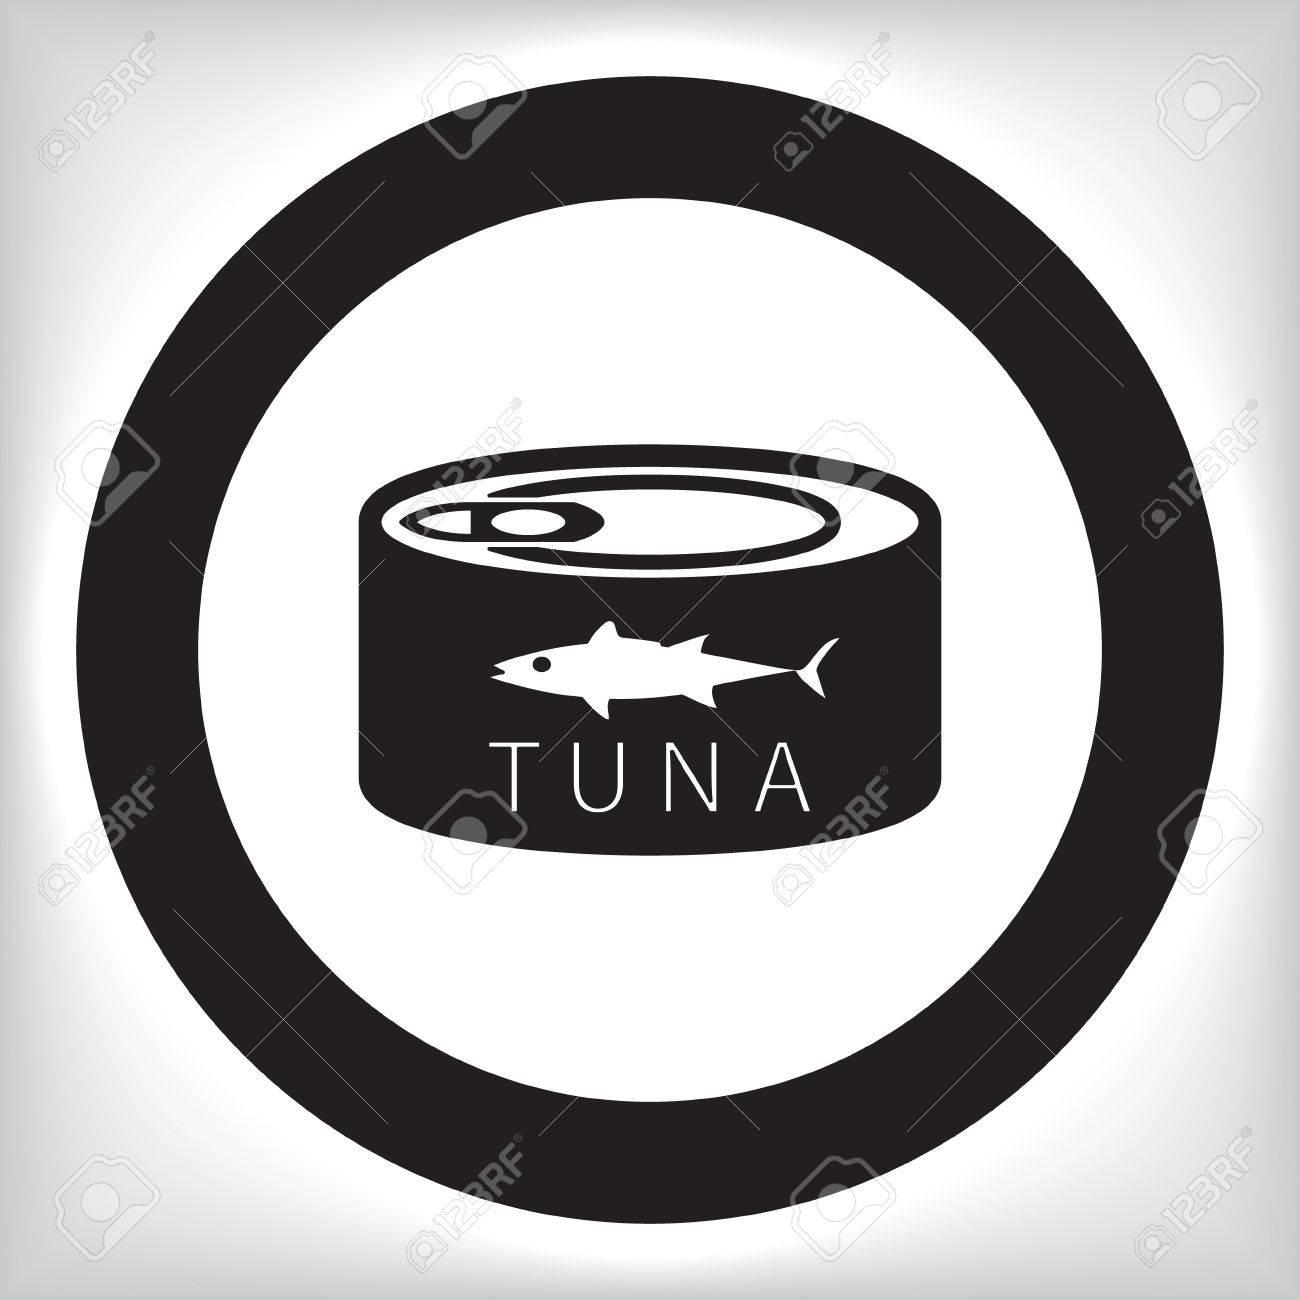 ツナ缶のアイコンのイラスト素材ベクタ Image 43532053